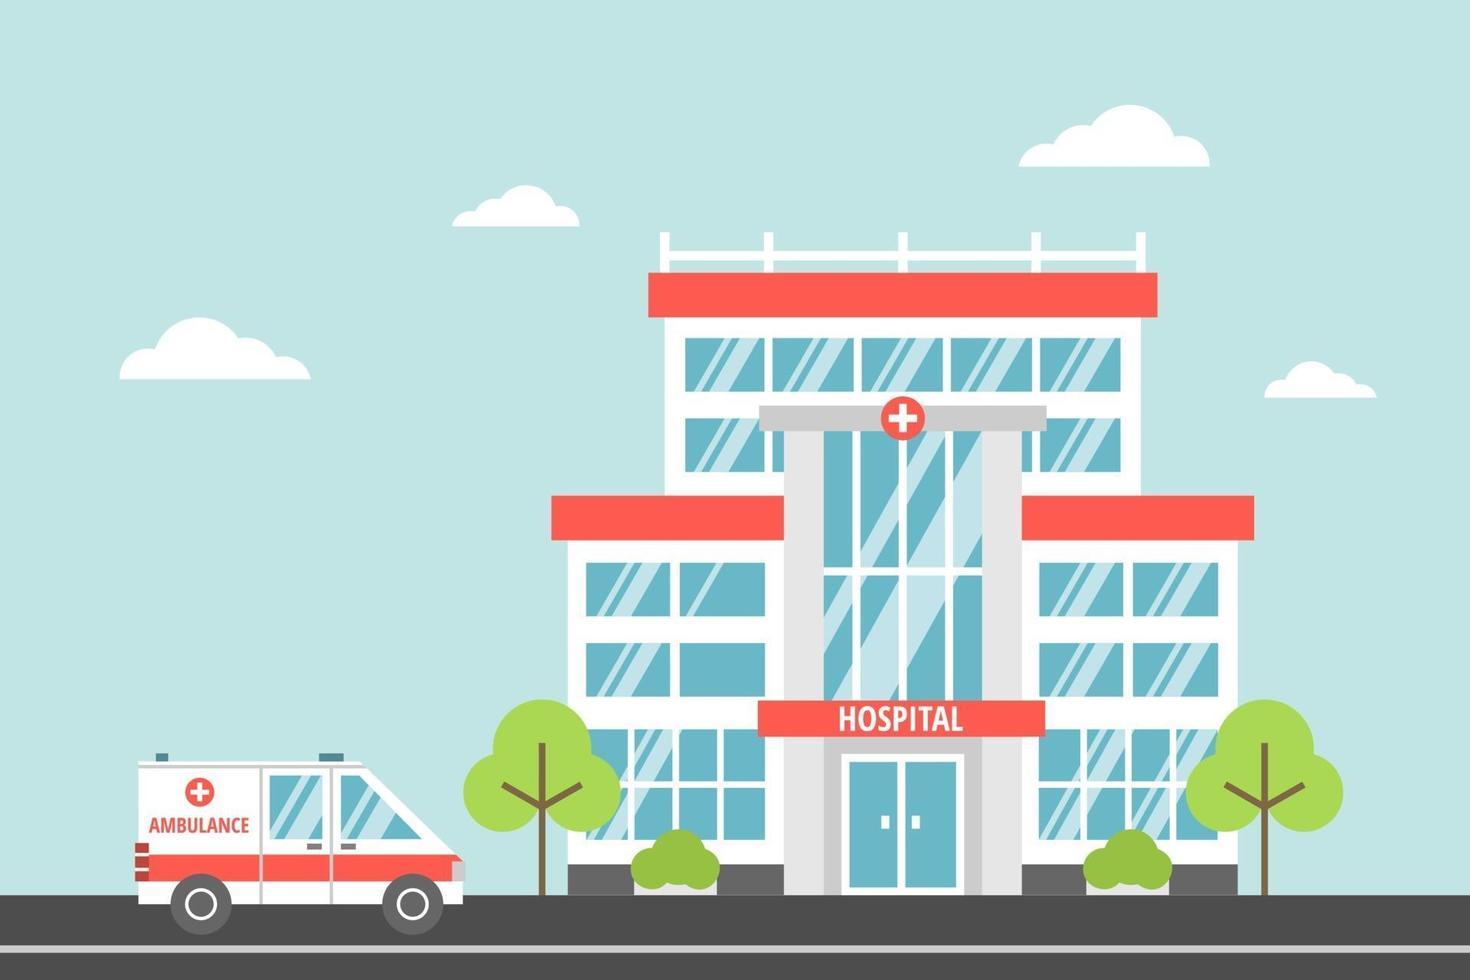 ziekenhuis, een moderne medische faciliteit in de stad. ambulance. gezondheids- en noodconcept. vectorillustratie in platte cartoon stijl vector